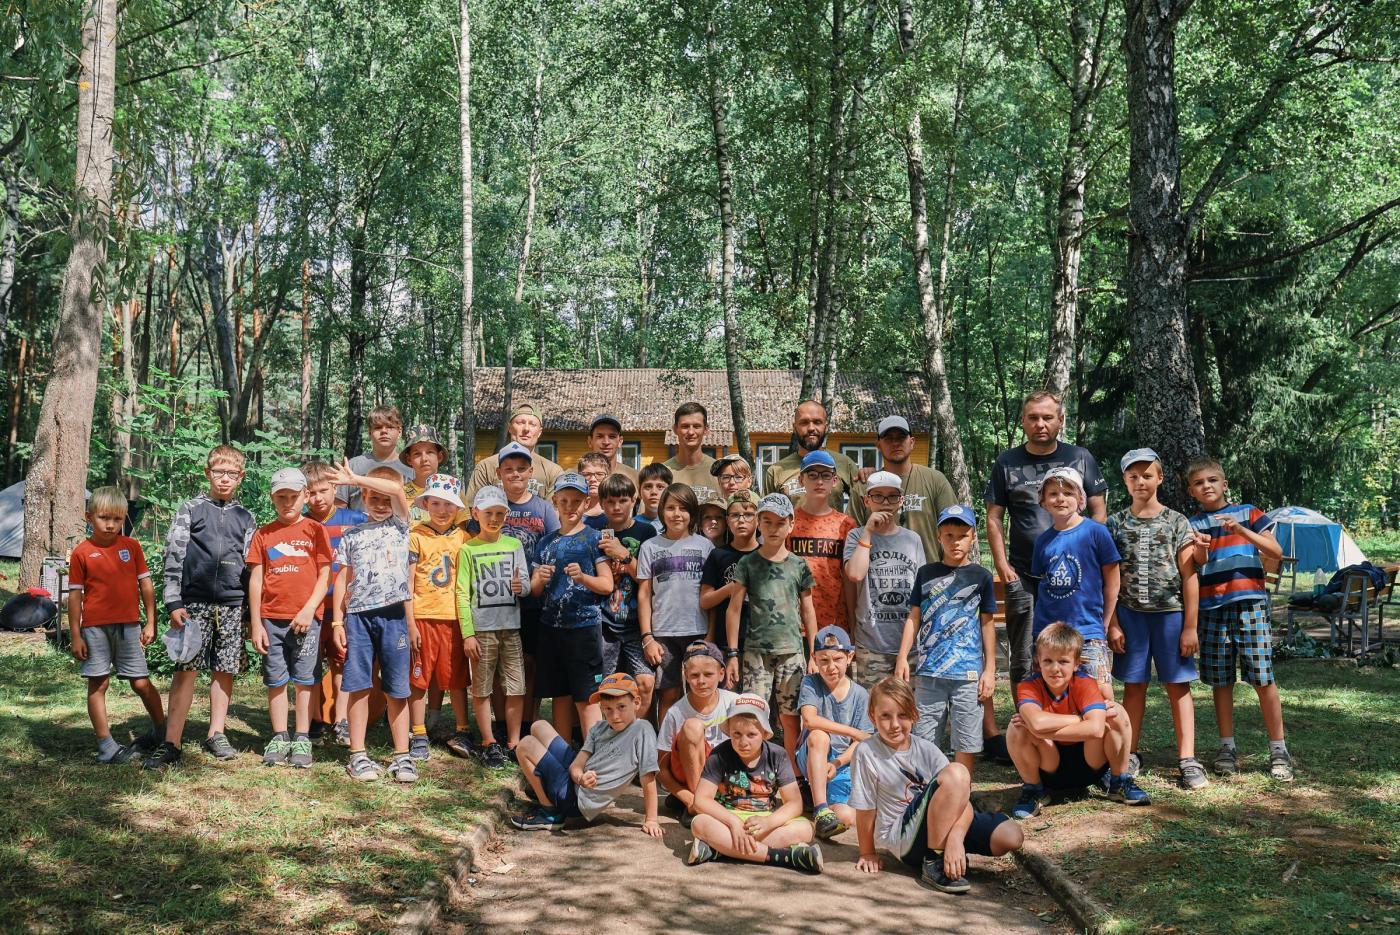 В санатории-профилактории БНТУ «Политехник» прошел лагерь «Герои», организованный центром развития Дмитрия Шуканова